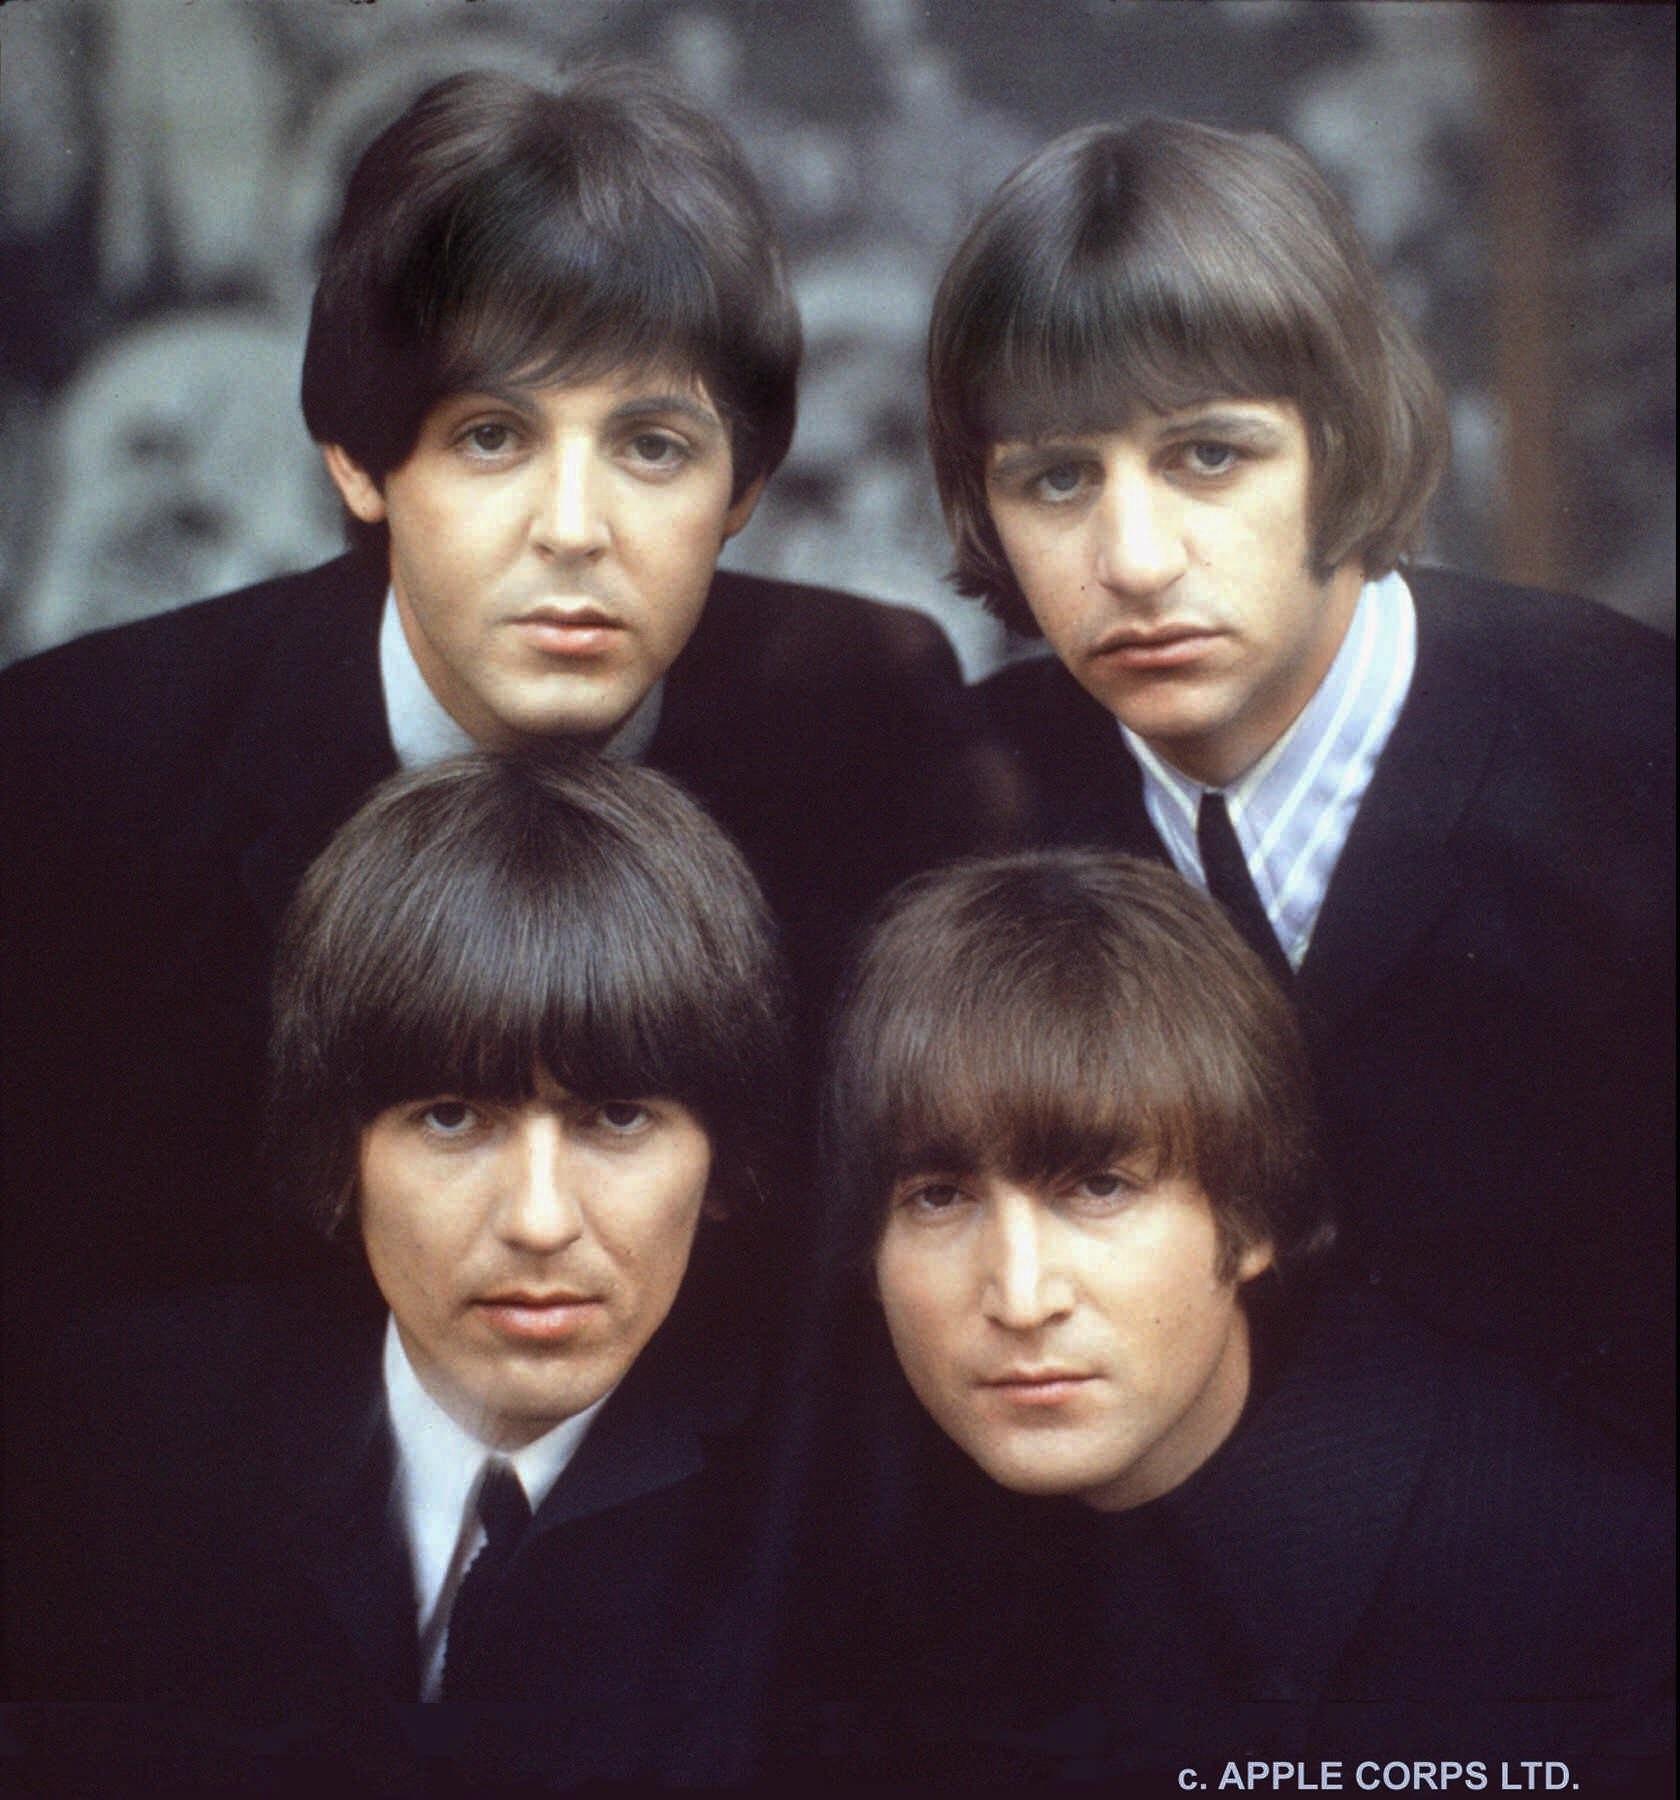 Los trajes de chaqueta con camisa de cuello mao con los que Los Beatles pasaron a la historia a partir de los 1960 fueron una creación de Pierre Cardin. Hasta entonces, el grupo aparecía siempre con chaquetas de cuero y camisetas de algodón que dejaron atrás tras aliarse con Cardin. (AP)